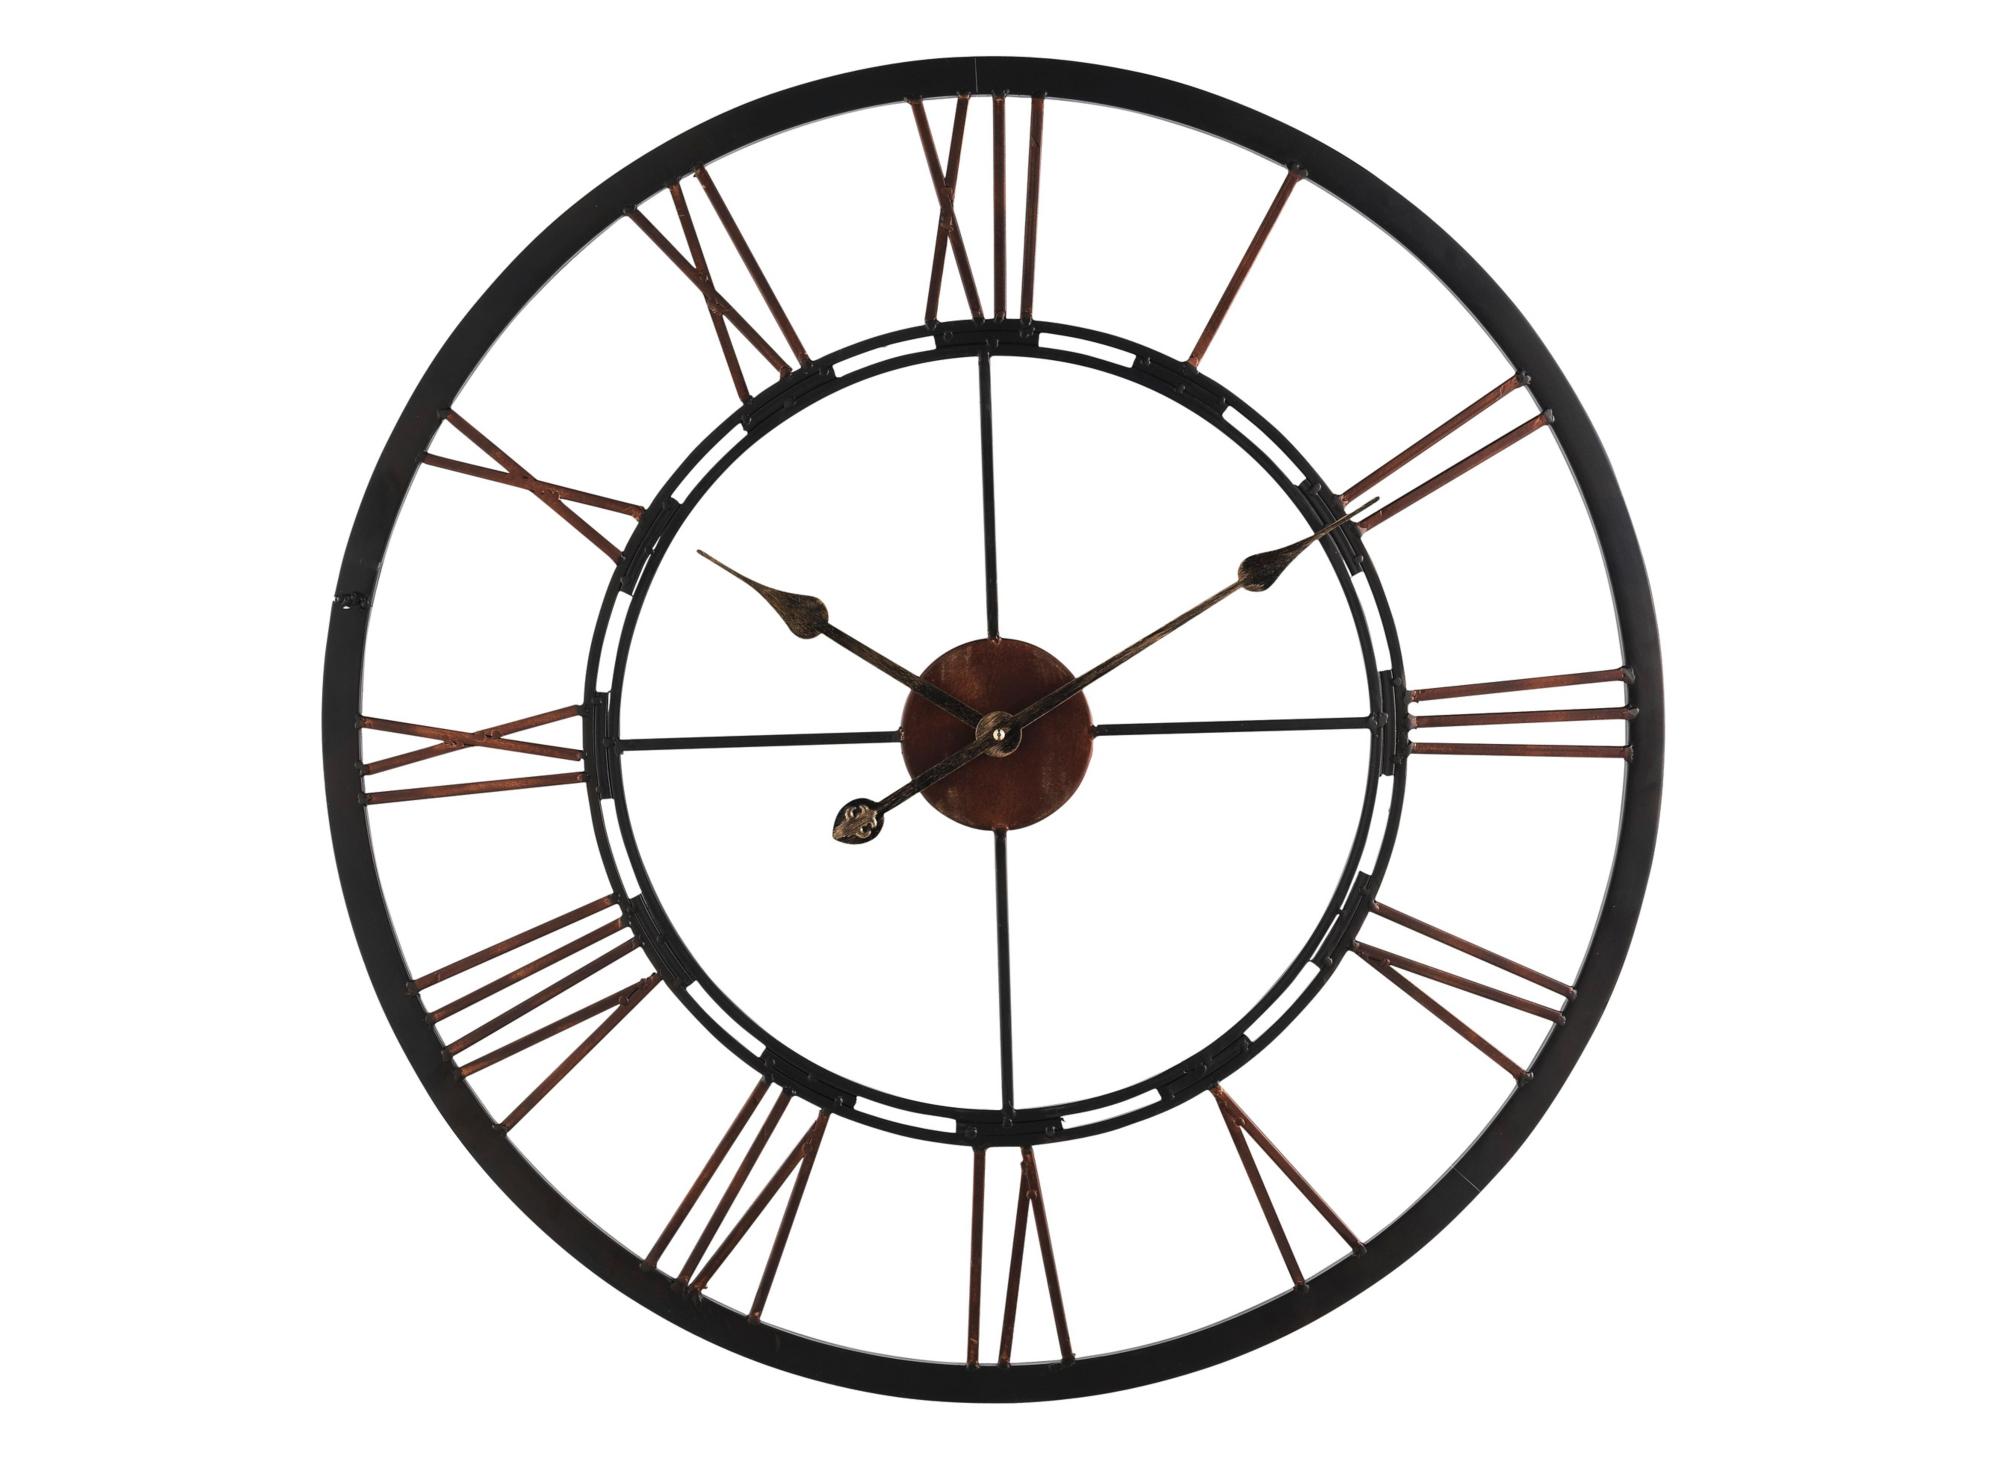 horloge en fer noir horloge d co murale. Black Bedroom Furniture Sets. Home Design Ideas